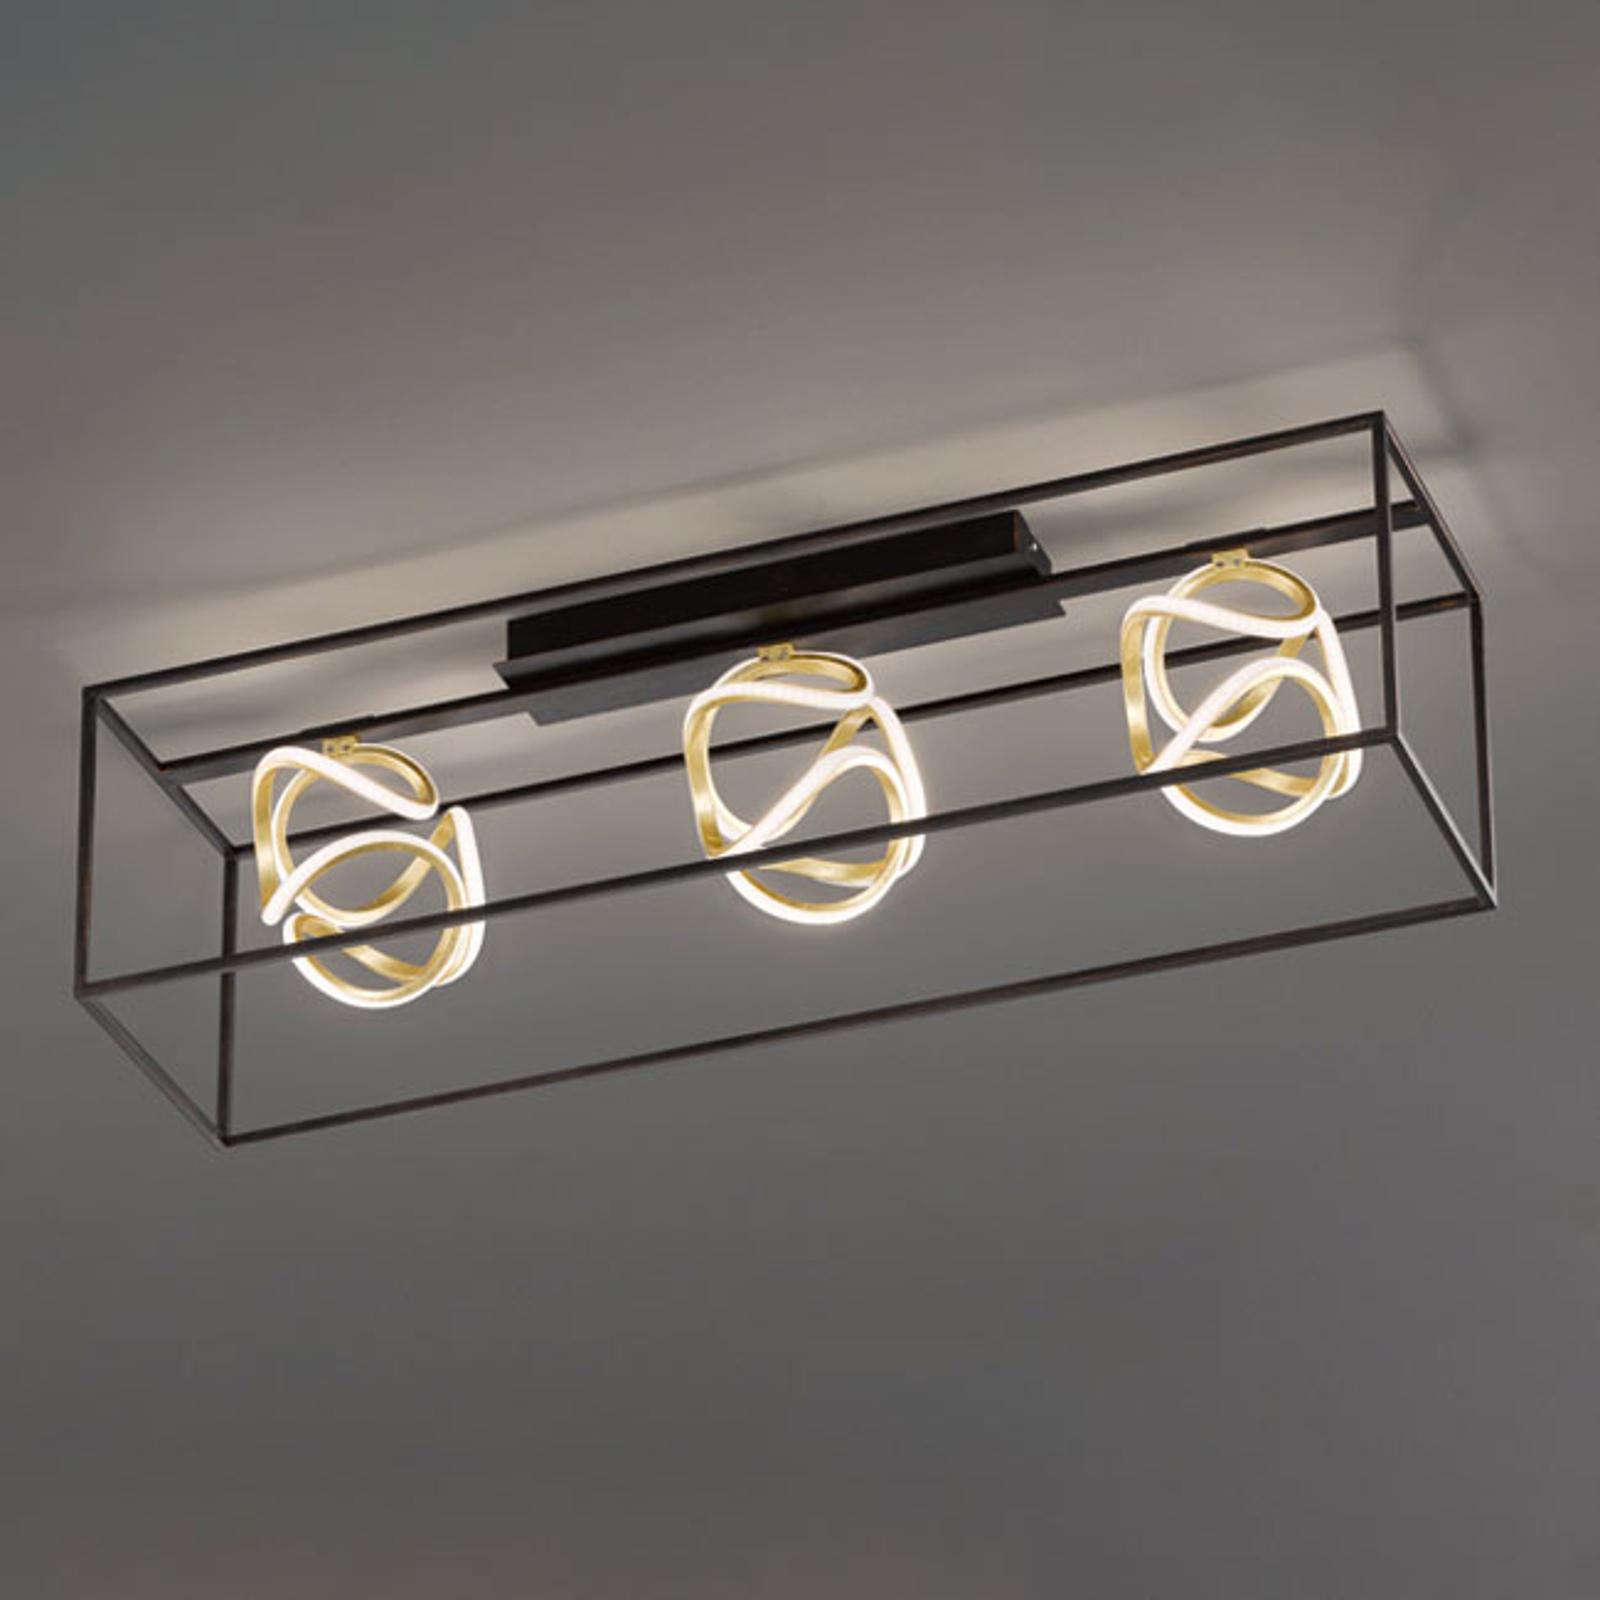 Lampa sufitowa LED Gesa z metalową klatką